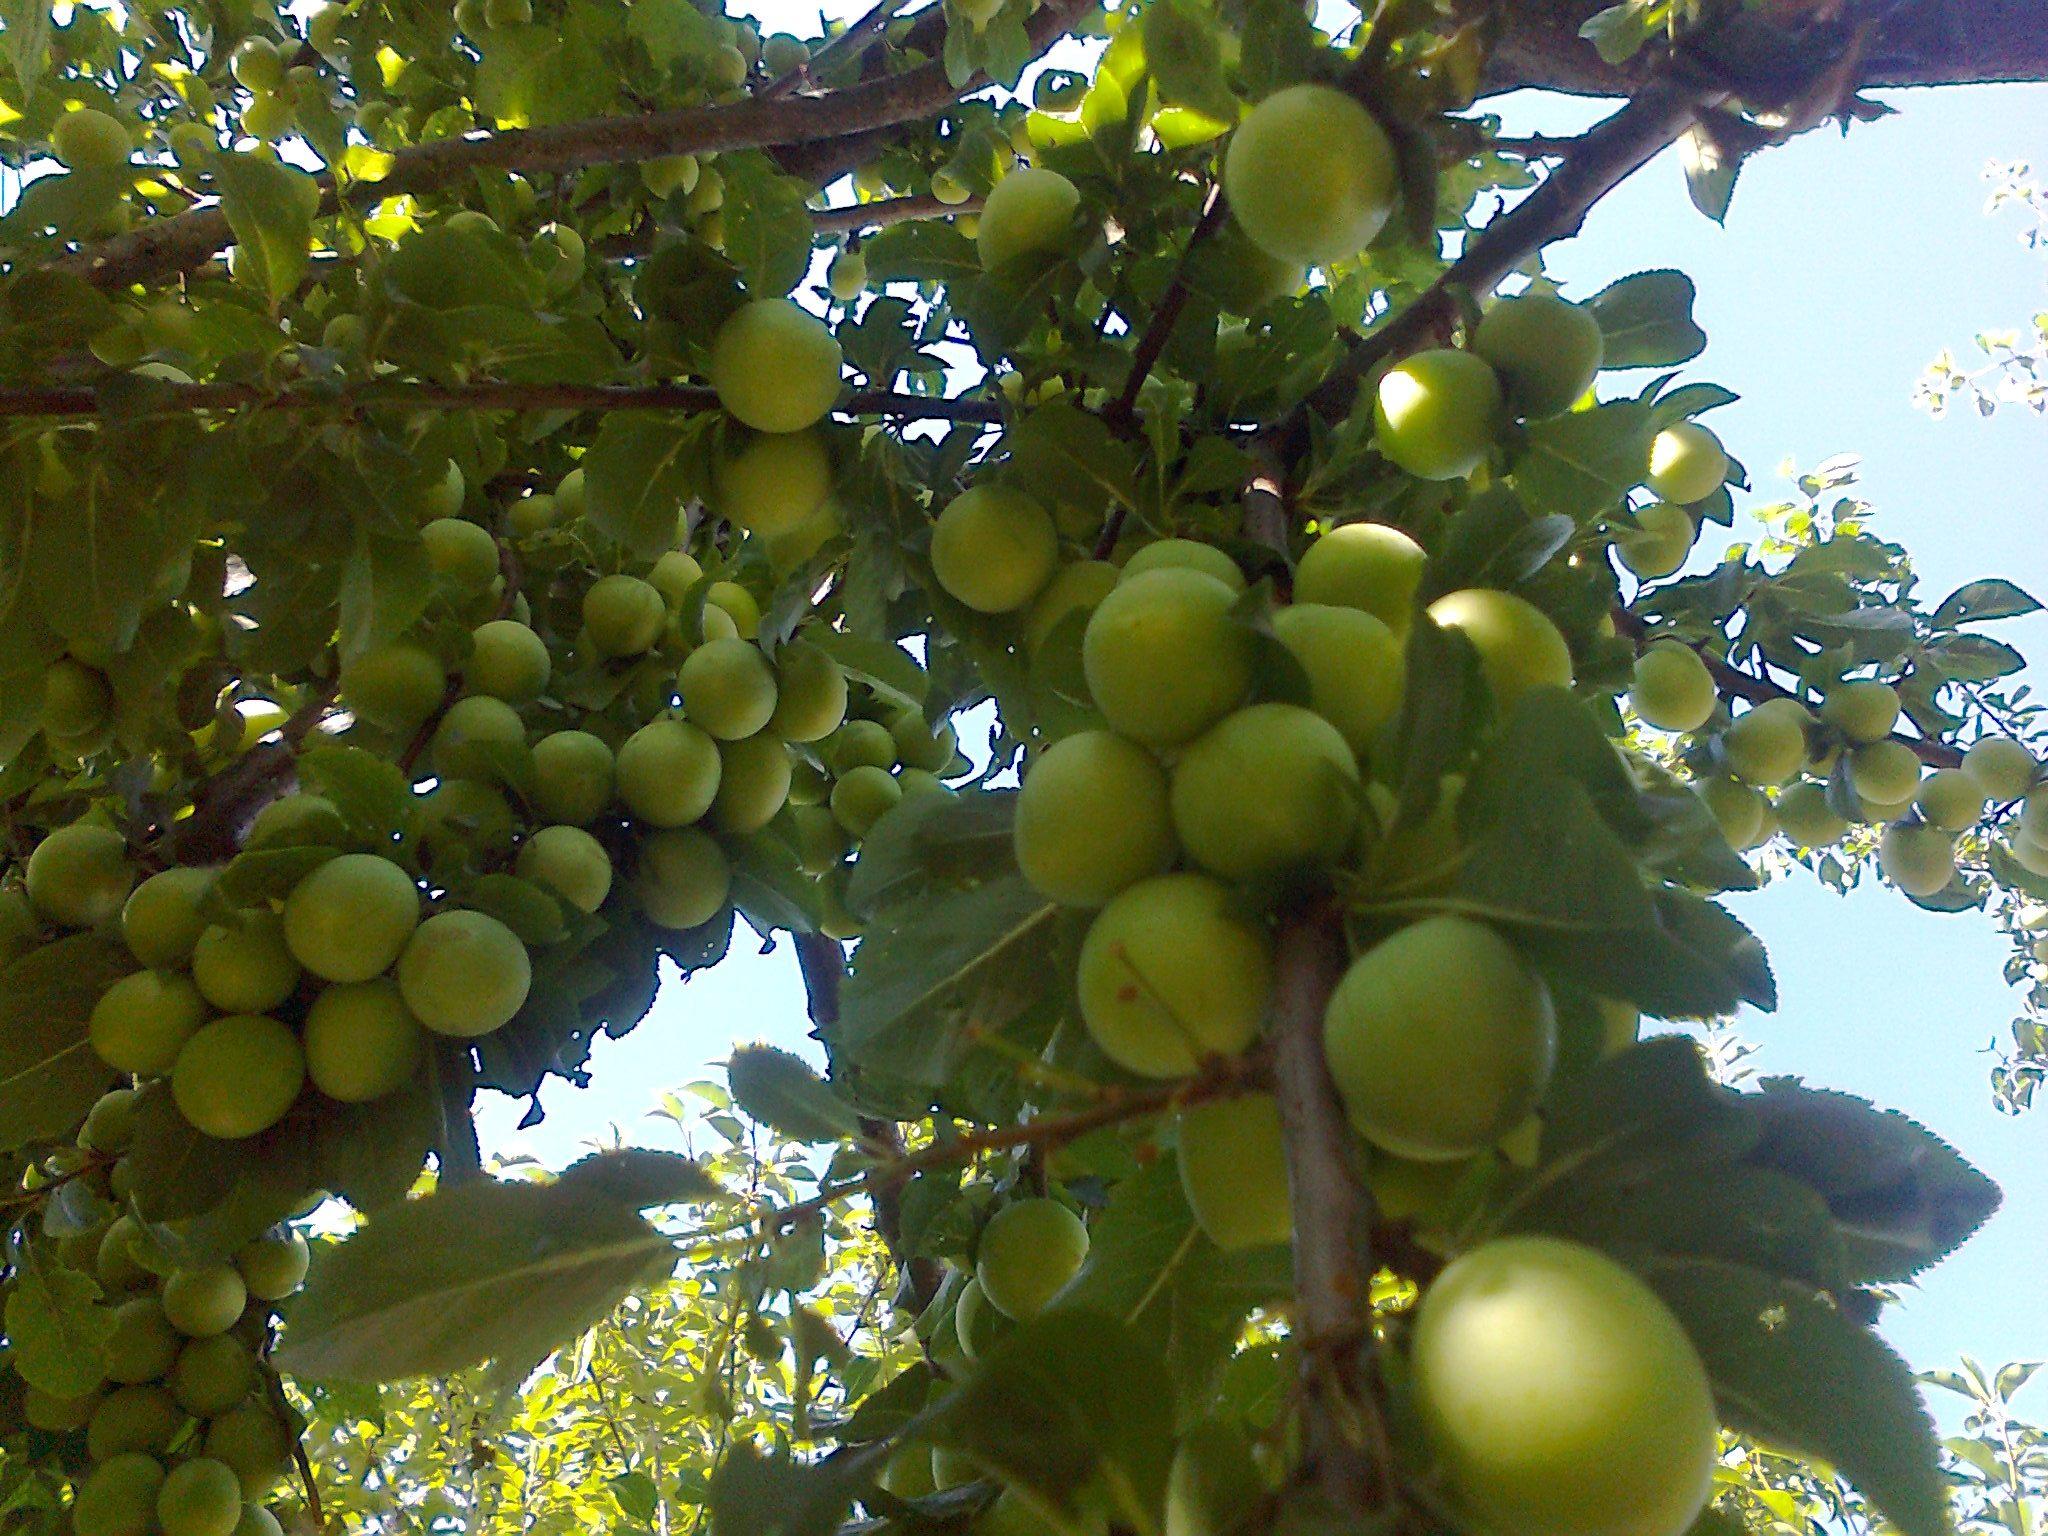 Antibiyotik ile meyve yenir mi